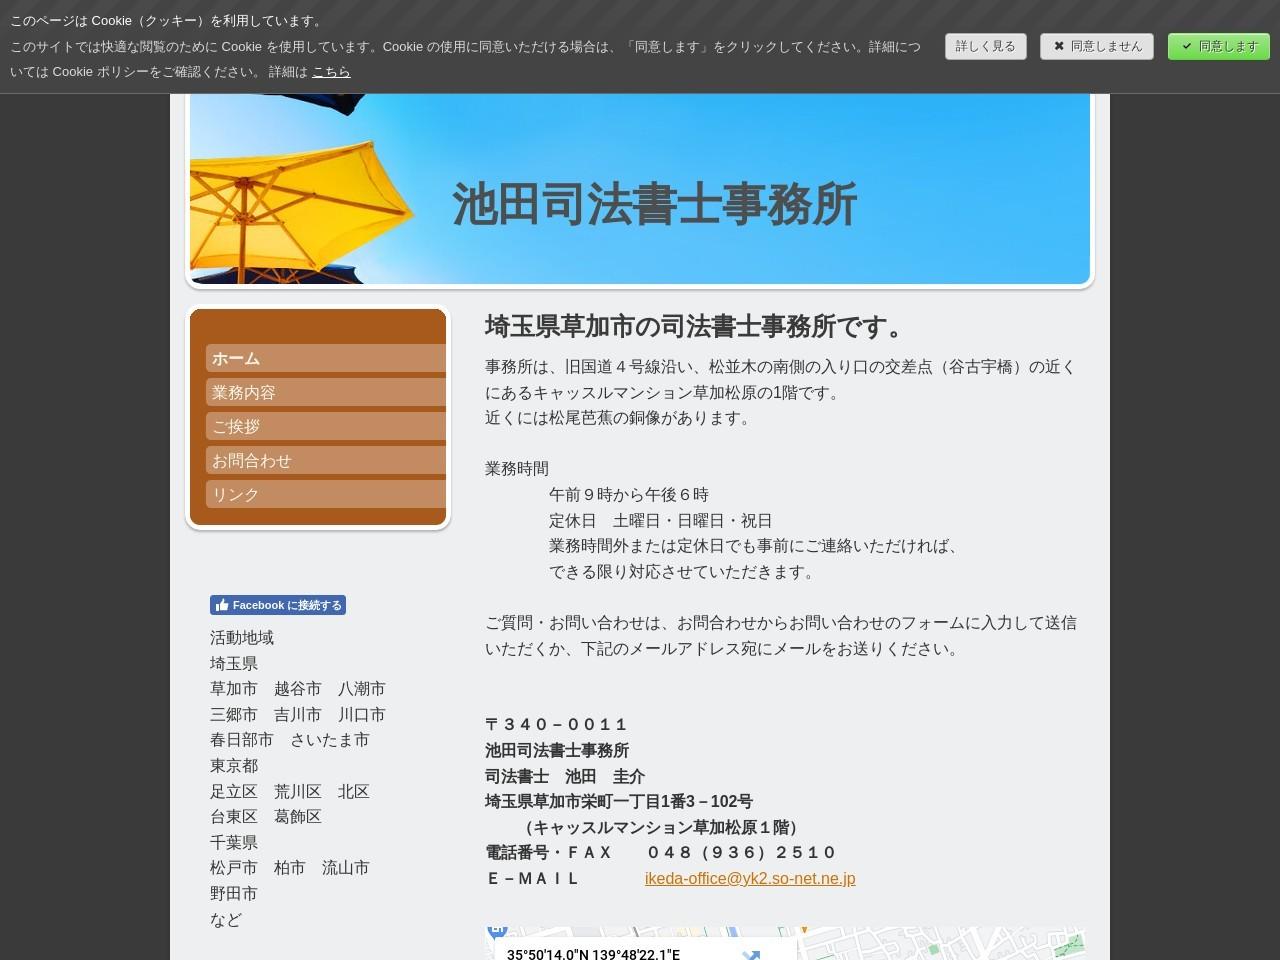 池田司法書士事務所